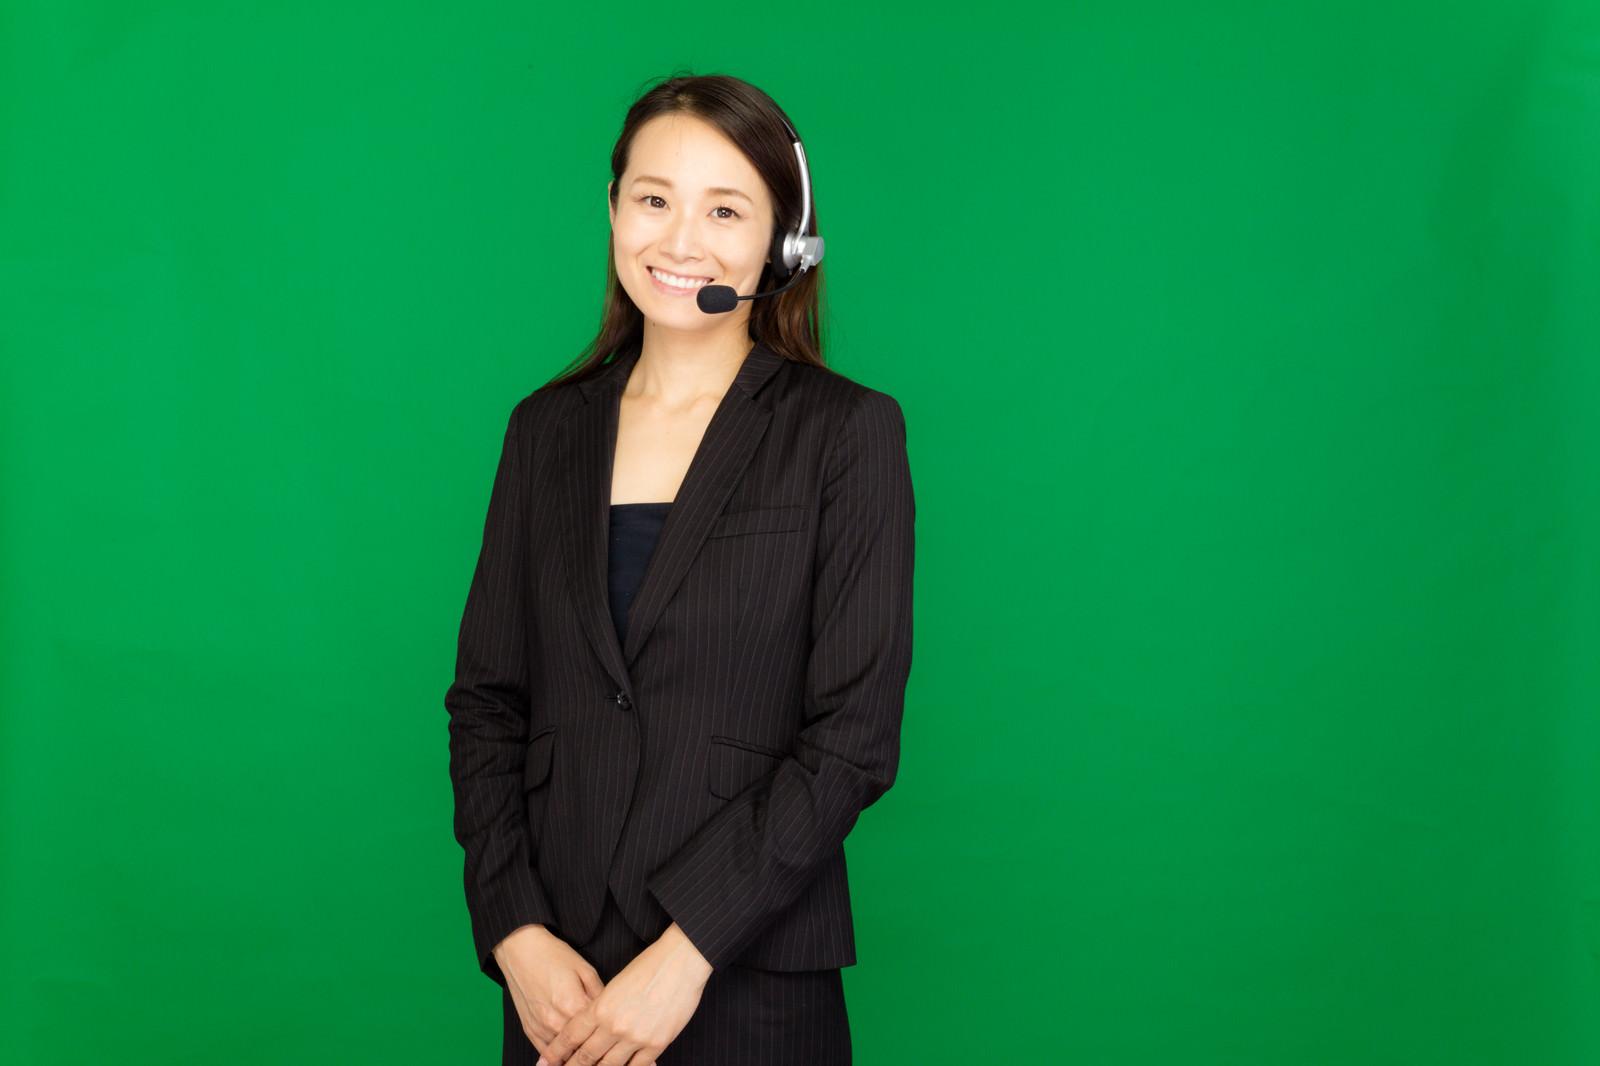 「ヘッドセットを装着したコールセンターの女性(グリーンバック)」の写真[モデル:土本寛子]